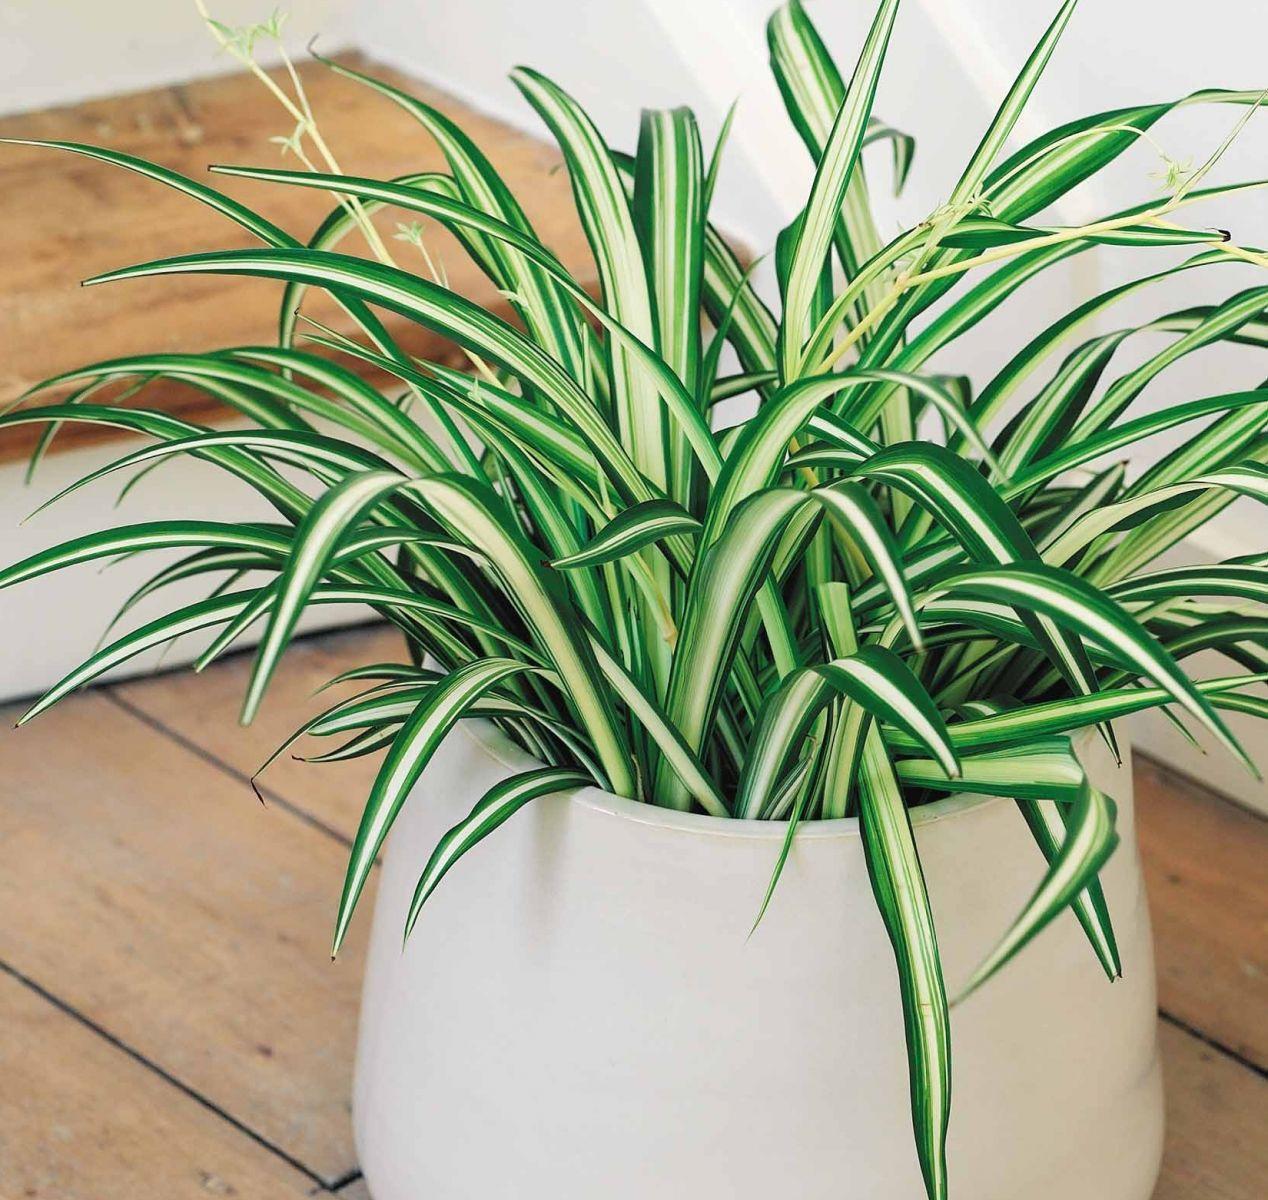 Дышать станет легче: кислородные растения, которые должны быть в доме - фото №1